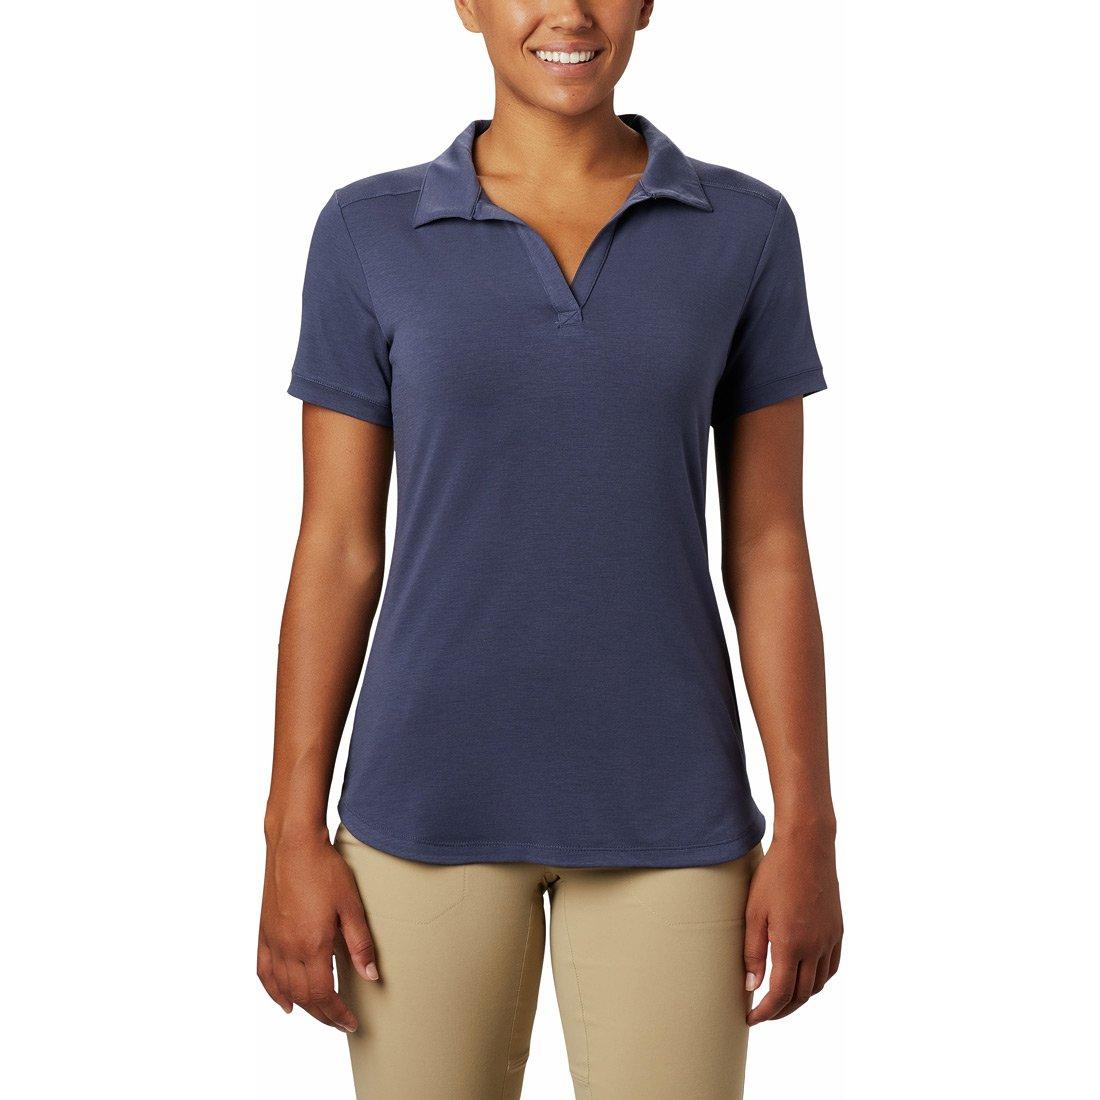 חולצת פולו לנשים - Essential Elements Polo - Columbia